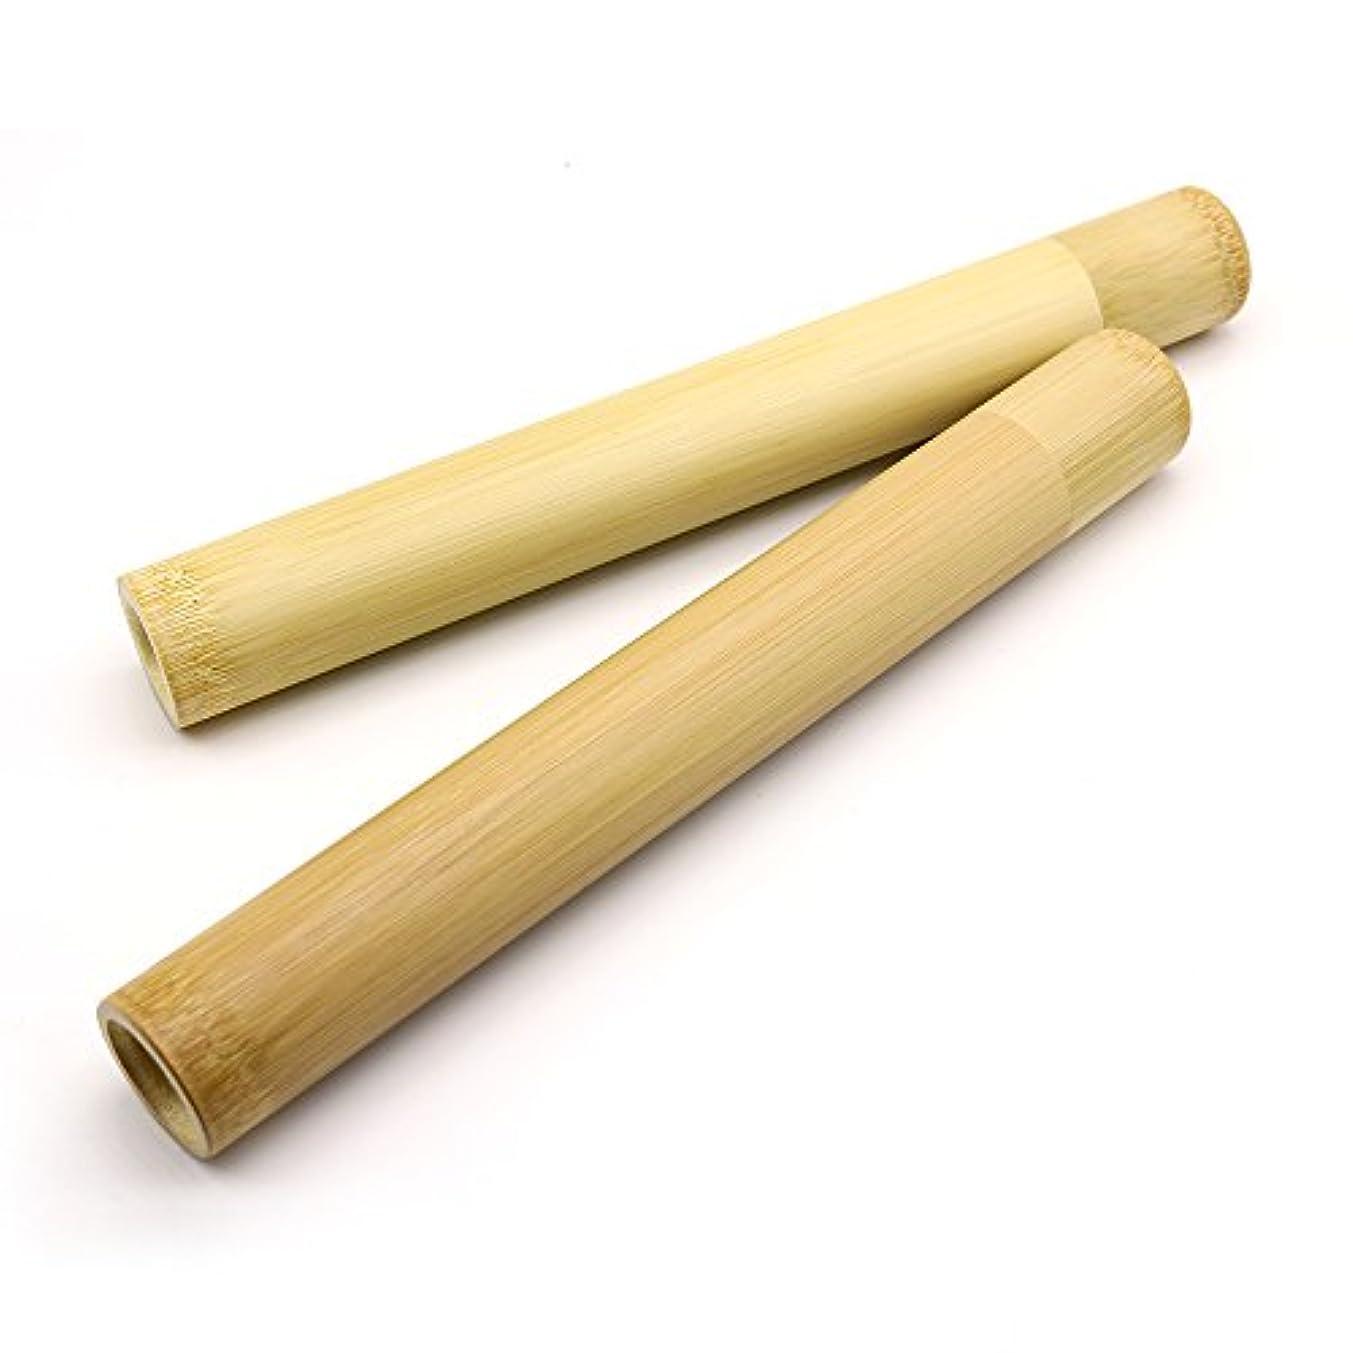 カンガルー苦しむ欠点N-amboo 竹製 ハブラシケース 収納ボックス 2個 セット